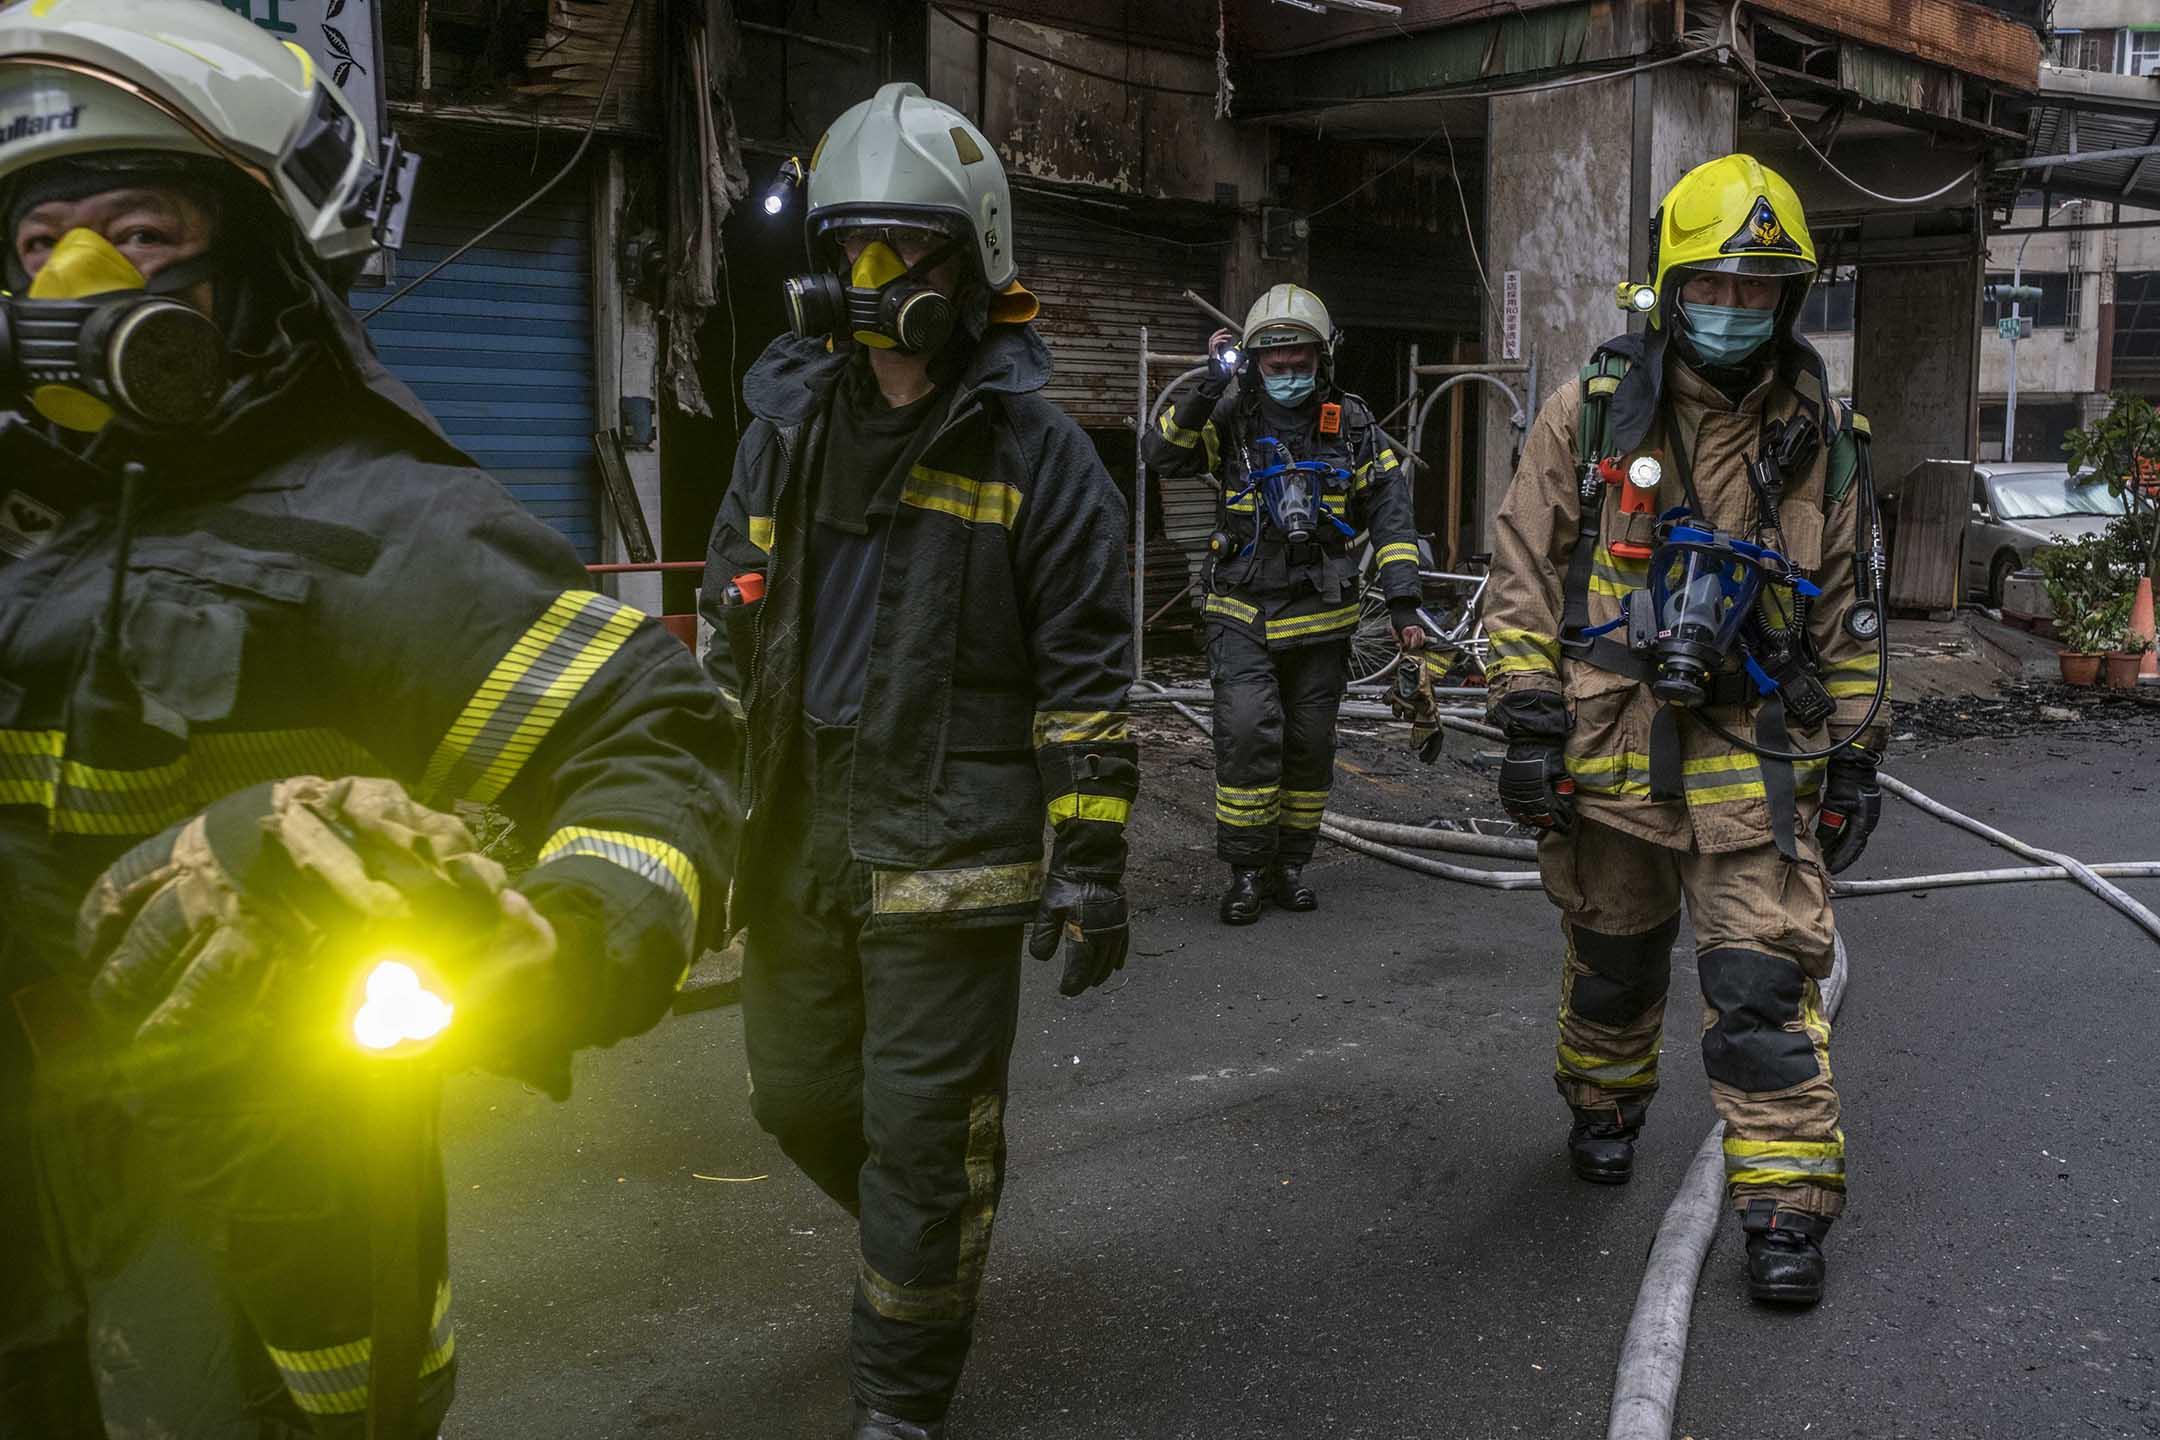 2021年10月14日台灣高雄,火災後消防隊員準備進入大廈。